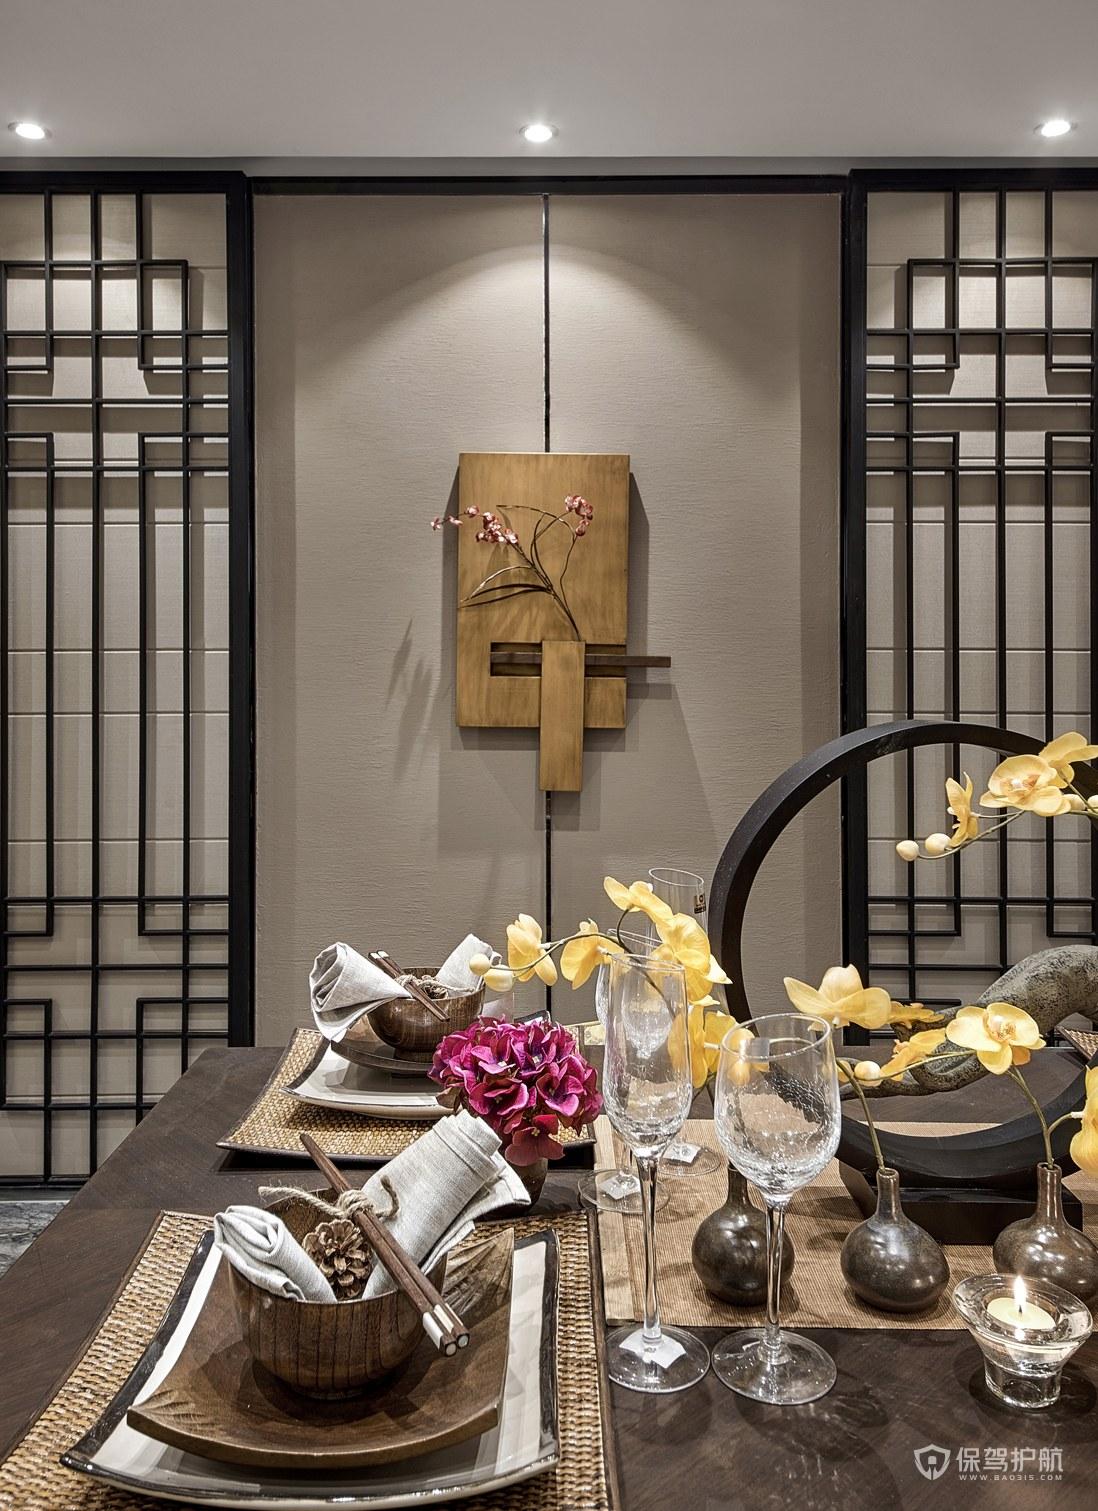 中式风格三居室餐厅背景墙亚搏体育平台app效果图…